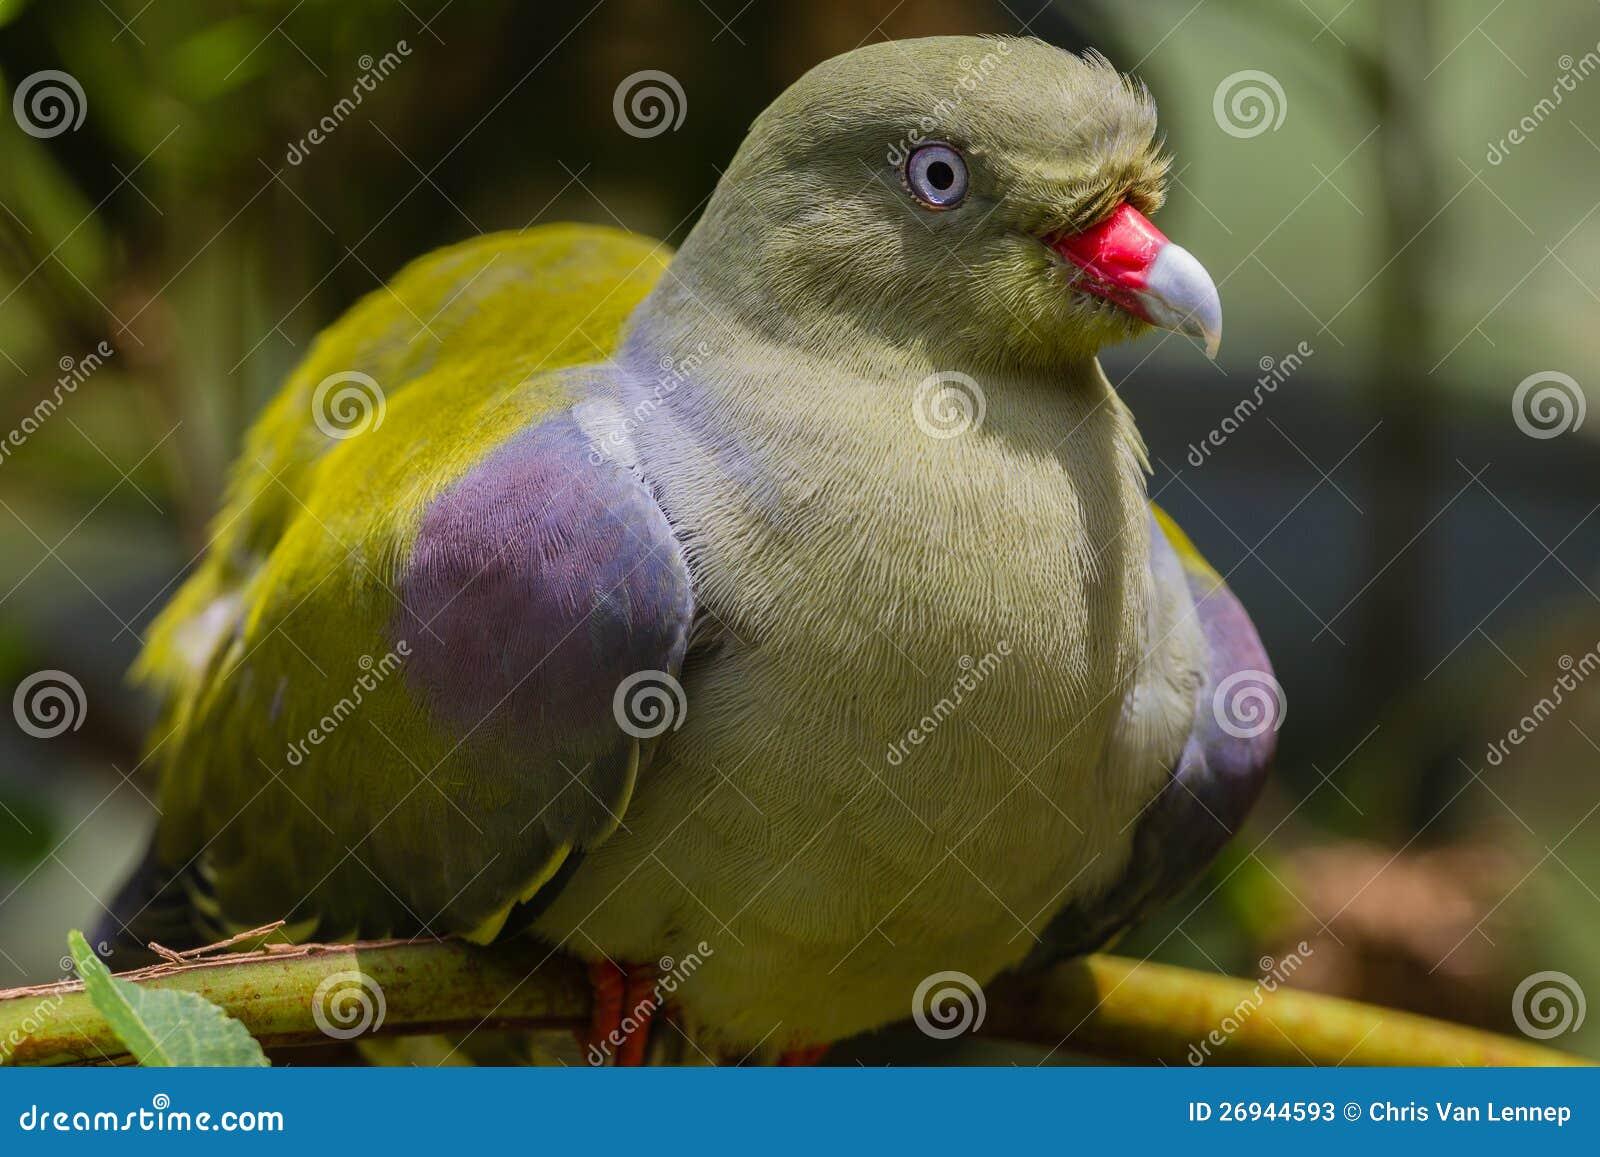 μεγάλο πουλί παίκτης μεγάλο μαύρο πουλί γκέι κακοποιούς